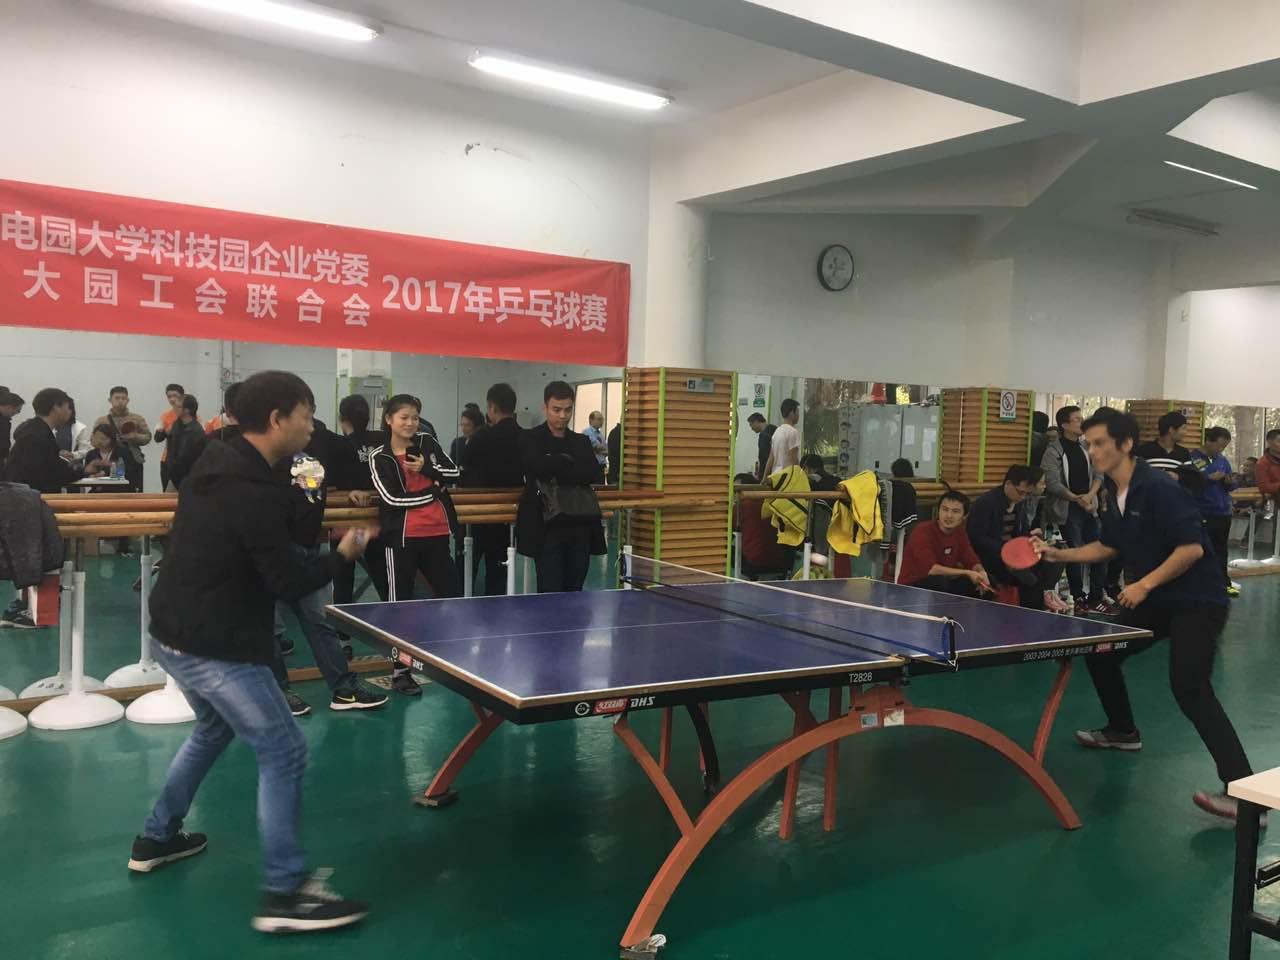 活力上班族|2017年光电园大学科技园乒乓球赛